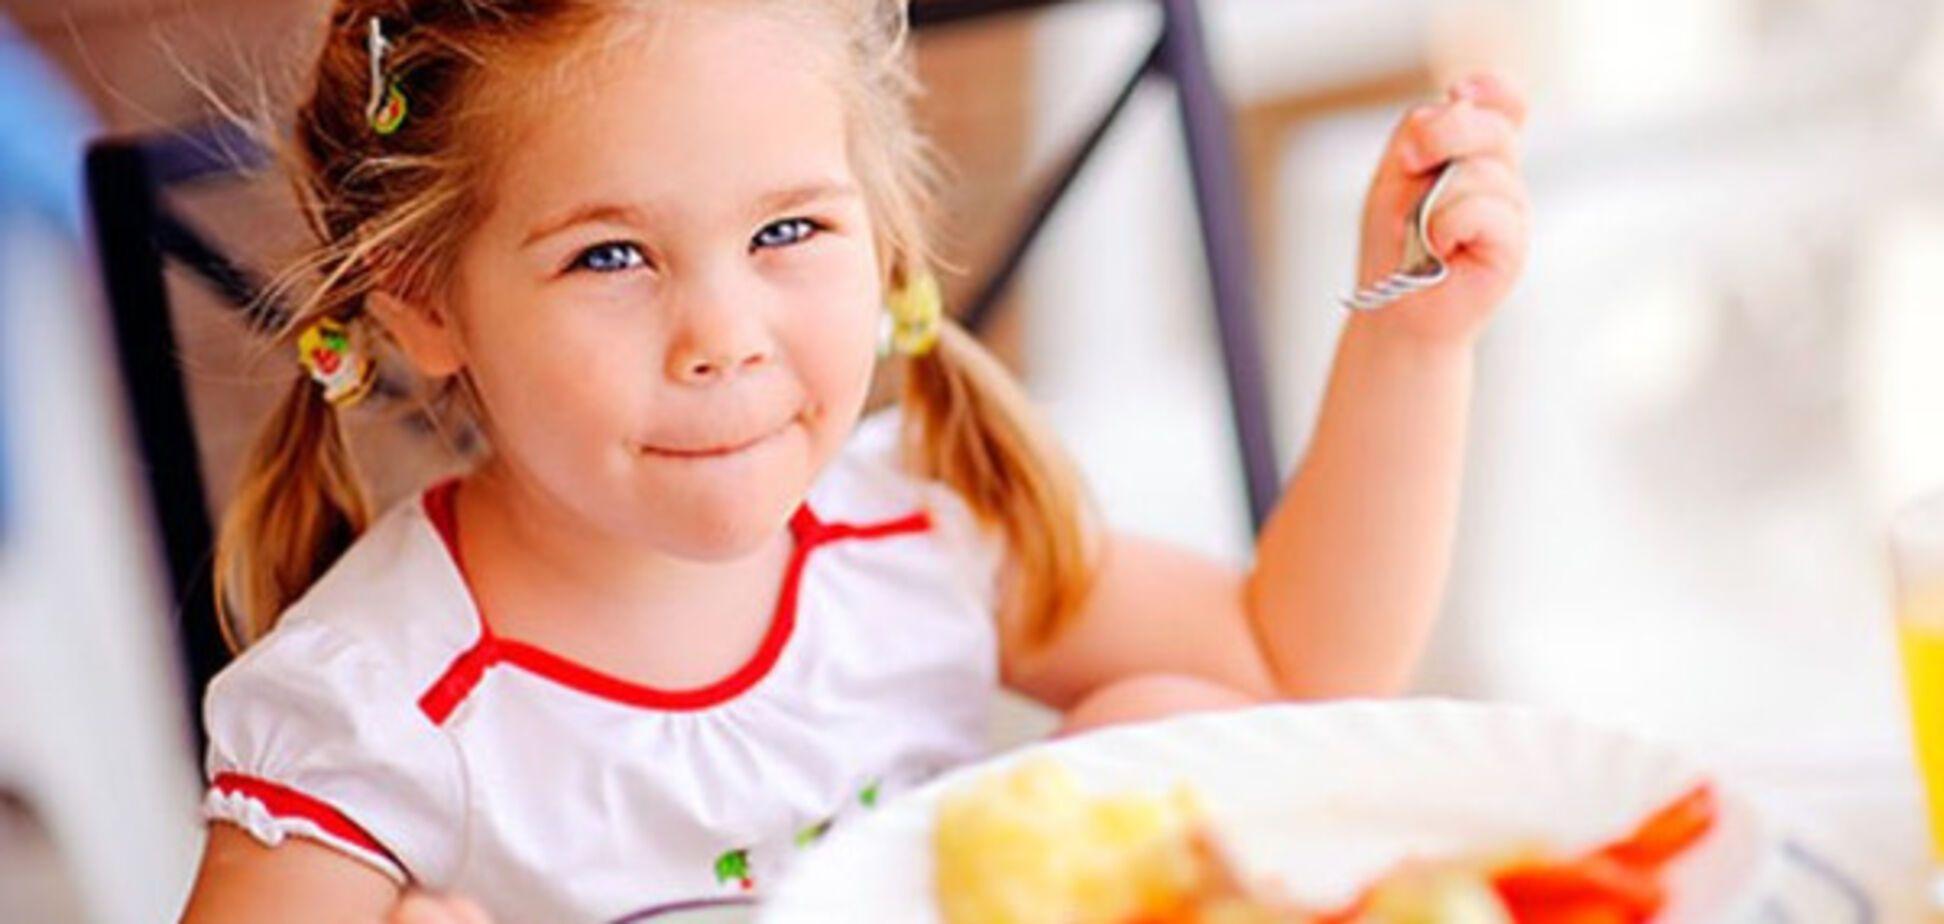 Неправильний сніданок: названі продукти, якими можна годувати дитину